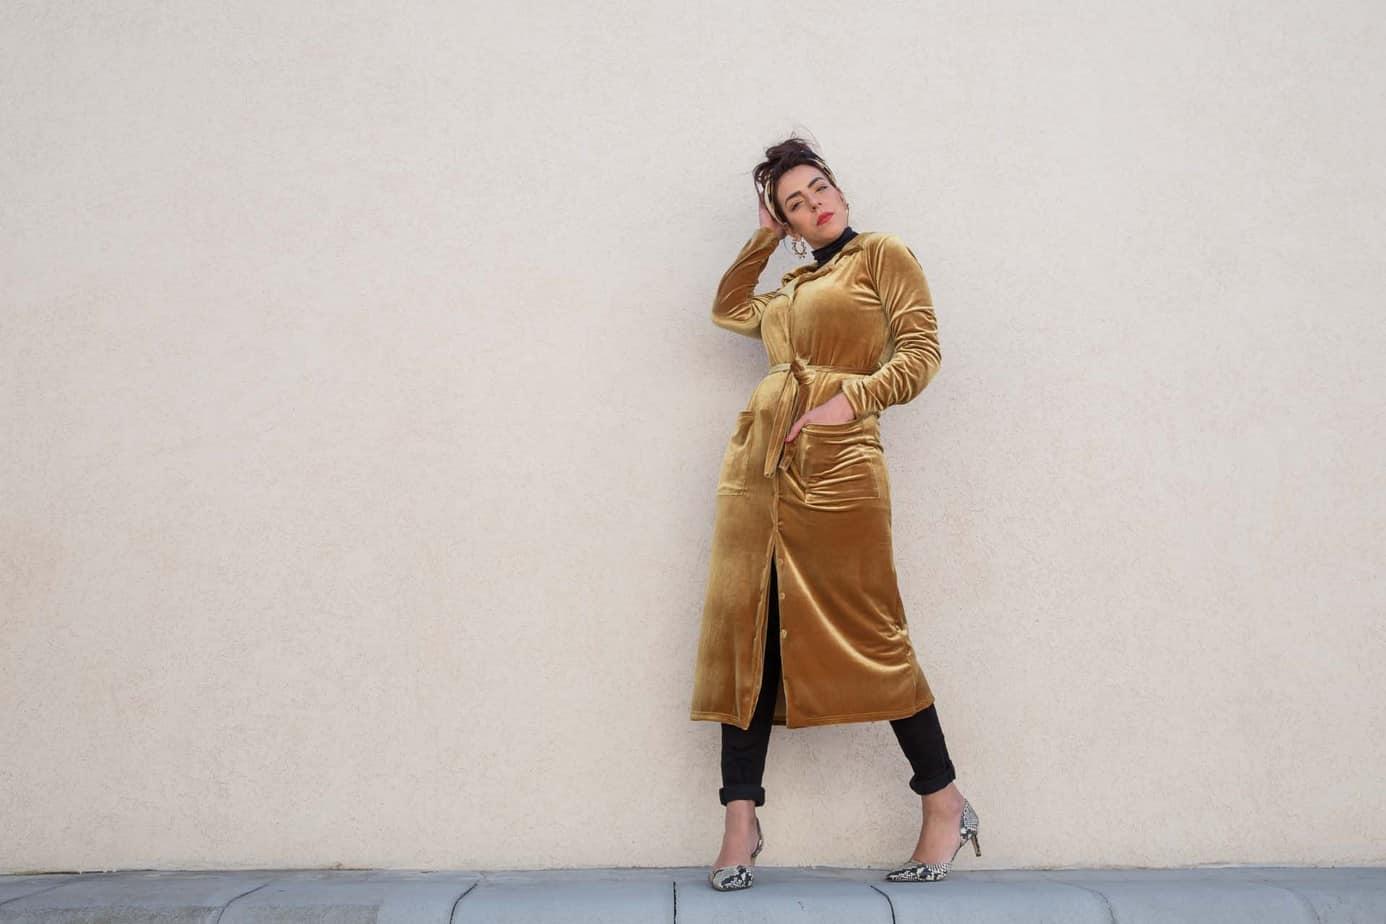 """אסתר בר-מוחא, שמלה: סיון קינן. צילום: אורית יאשקין """"סטודיו במיה"""""""